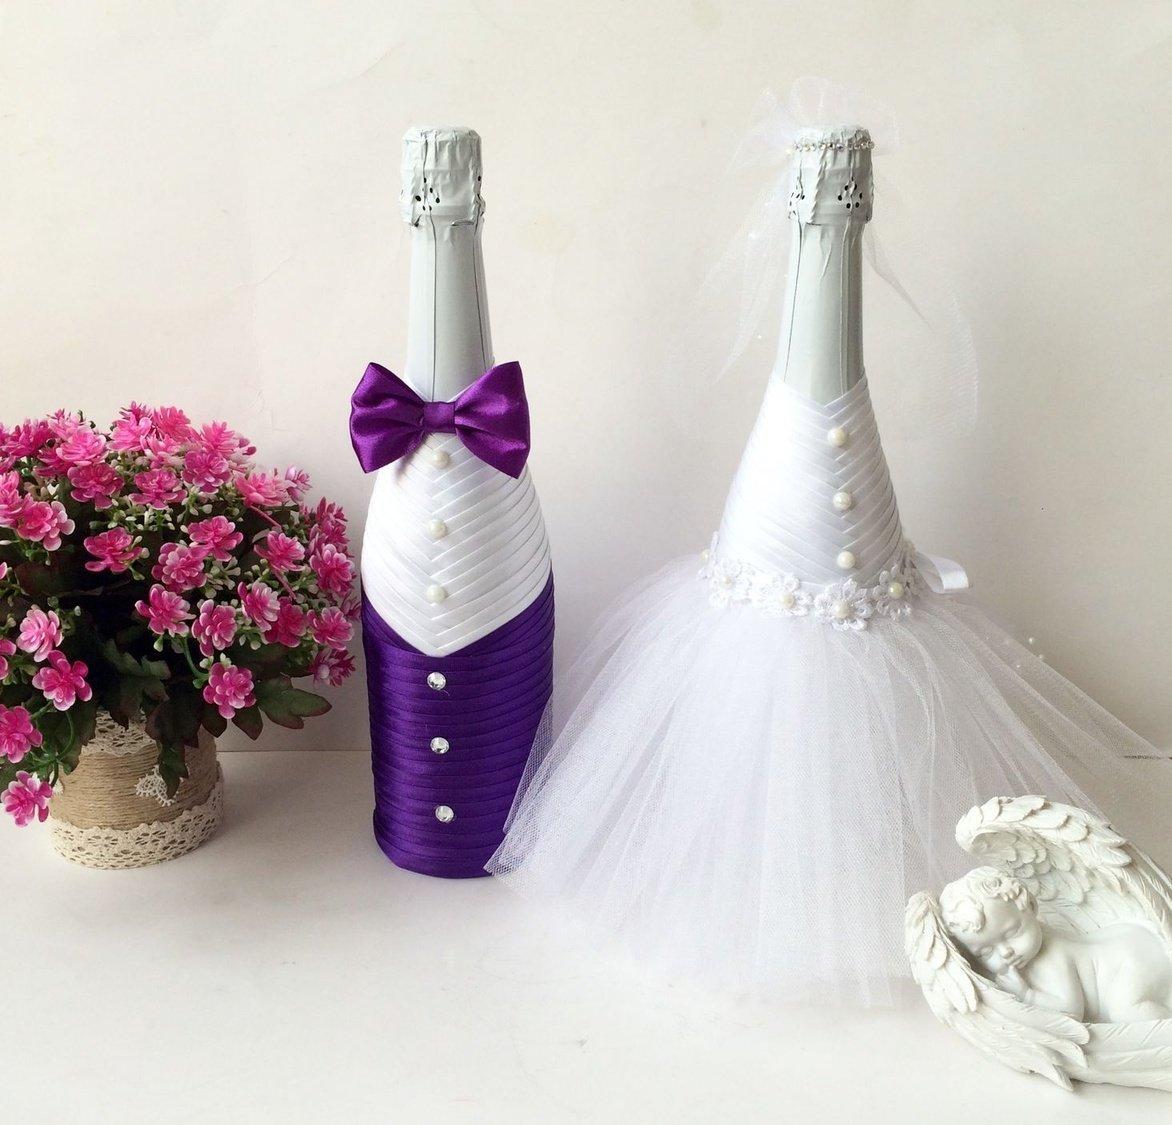 Украшаем свадебное шампанское своими руками. шампанское жених и невеста: мастер-класс по оформлению свадебных бутылок